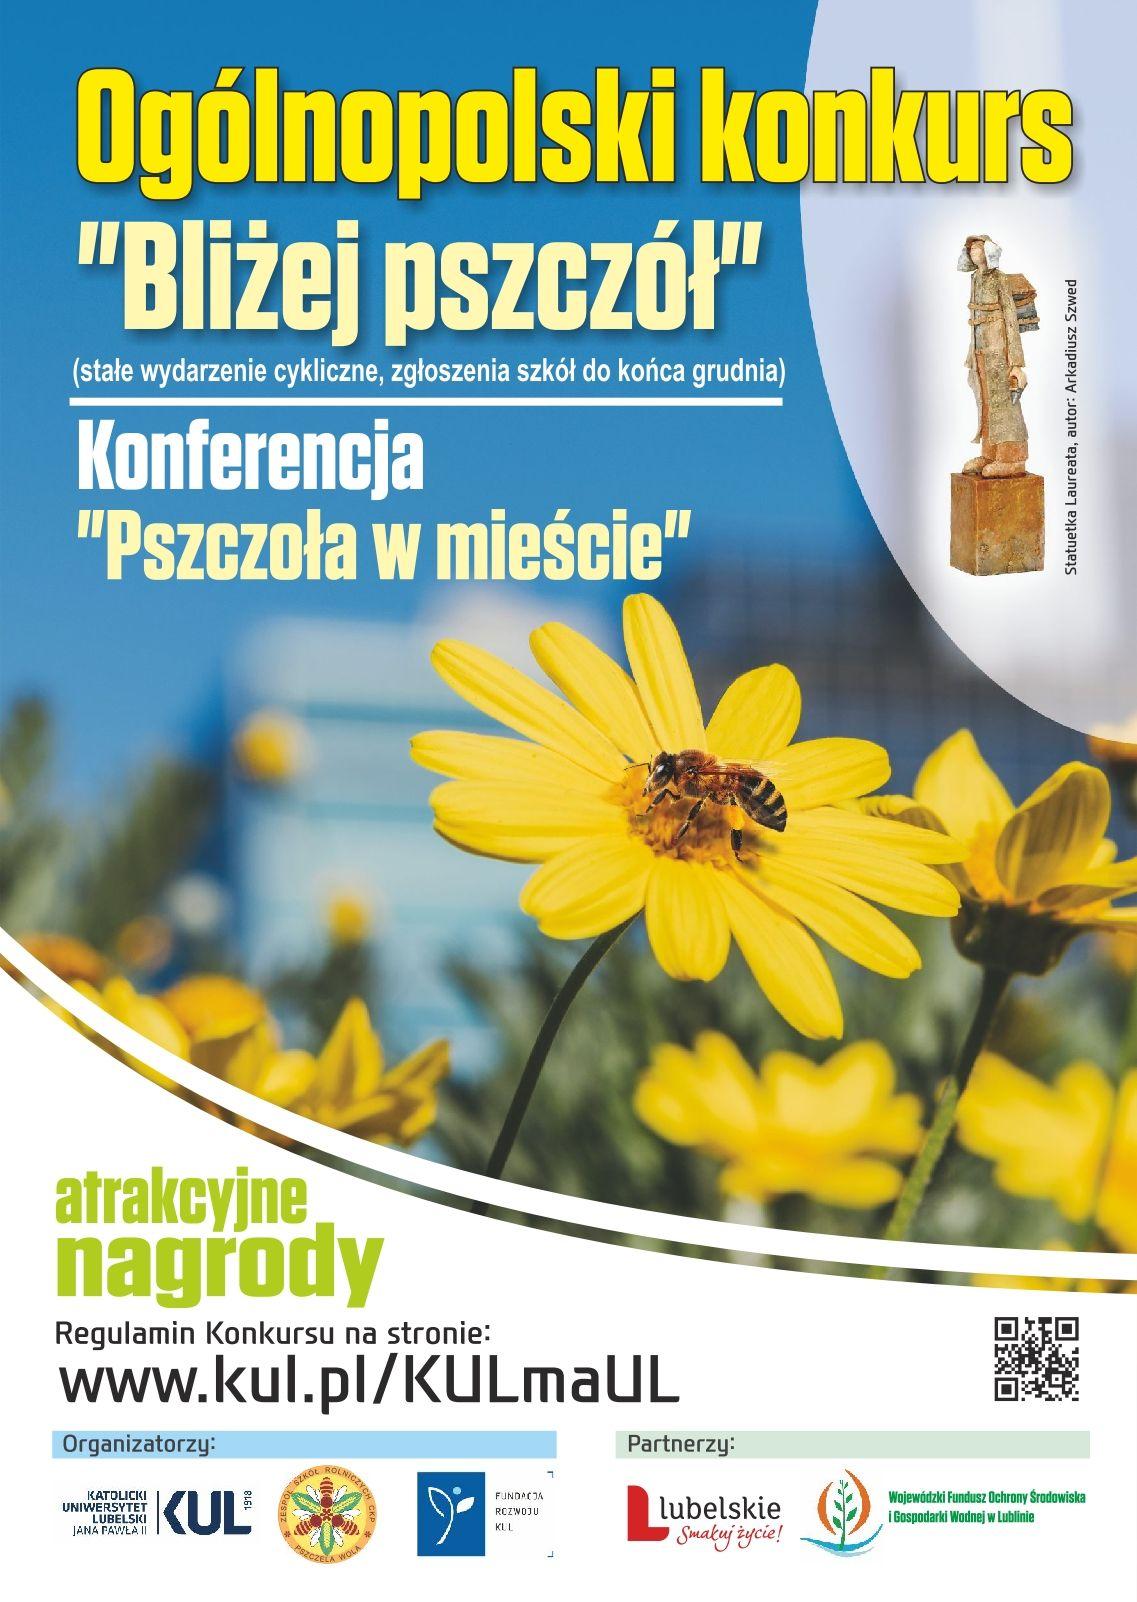 pszczola_w_miescie